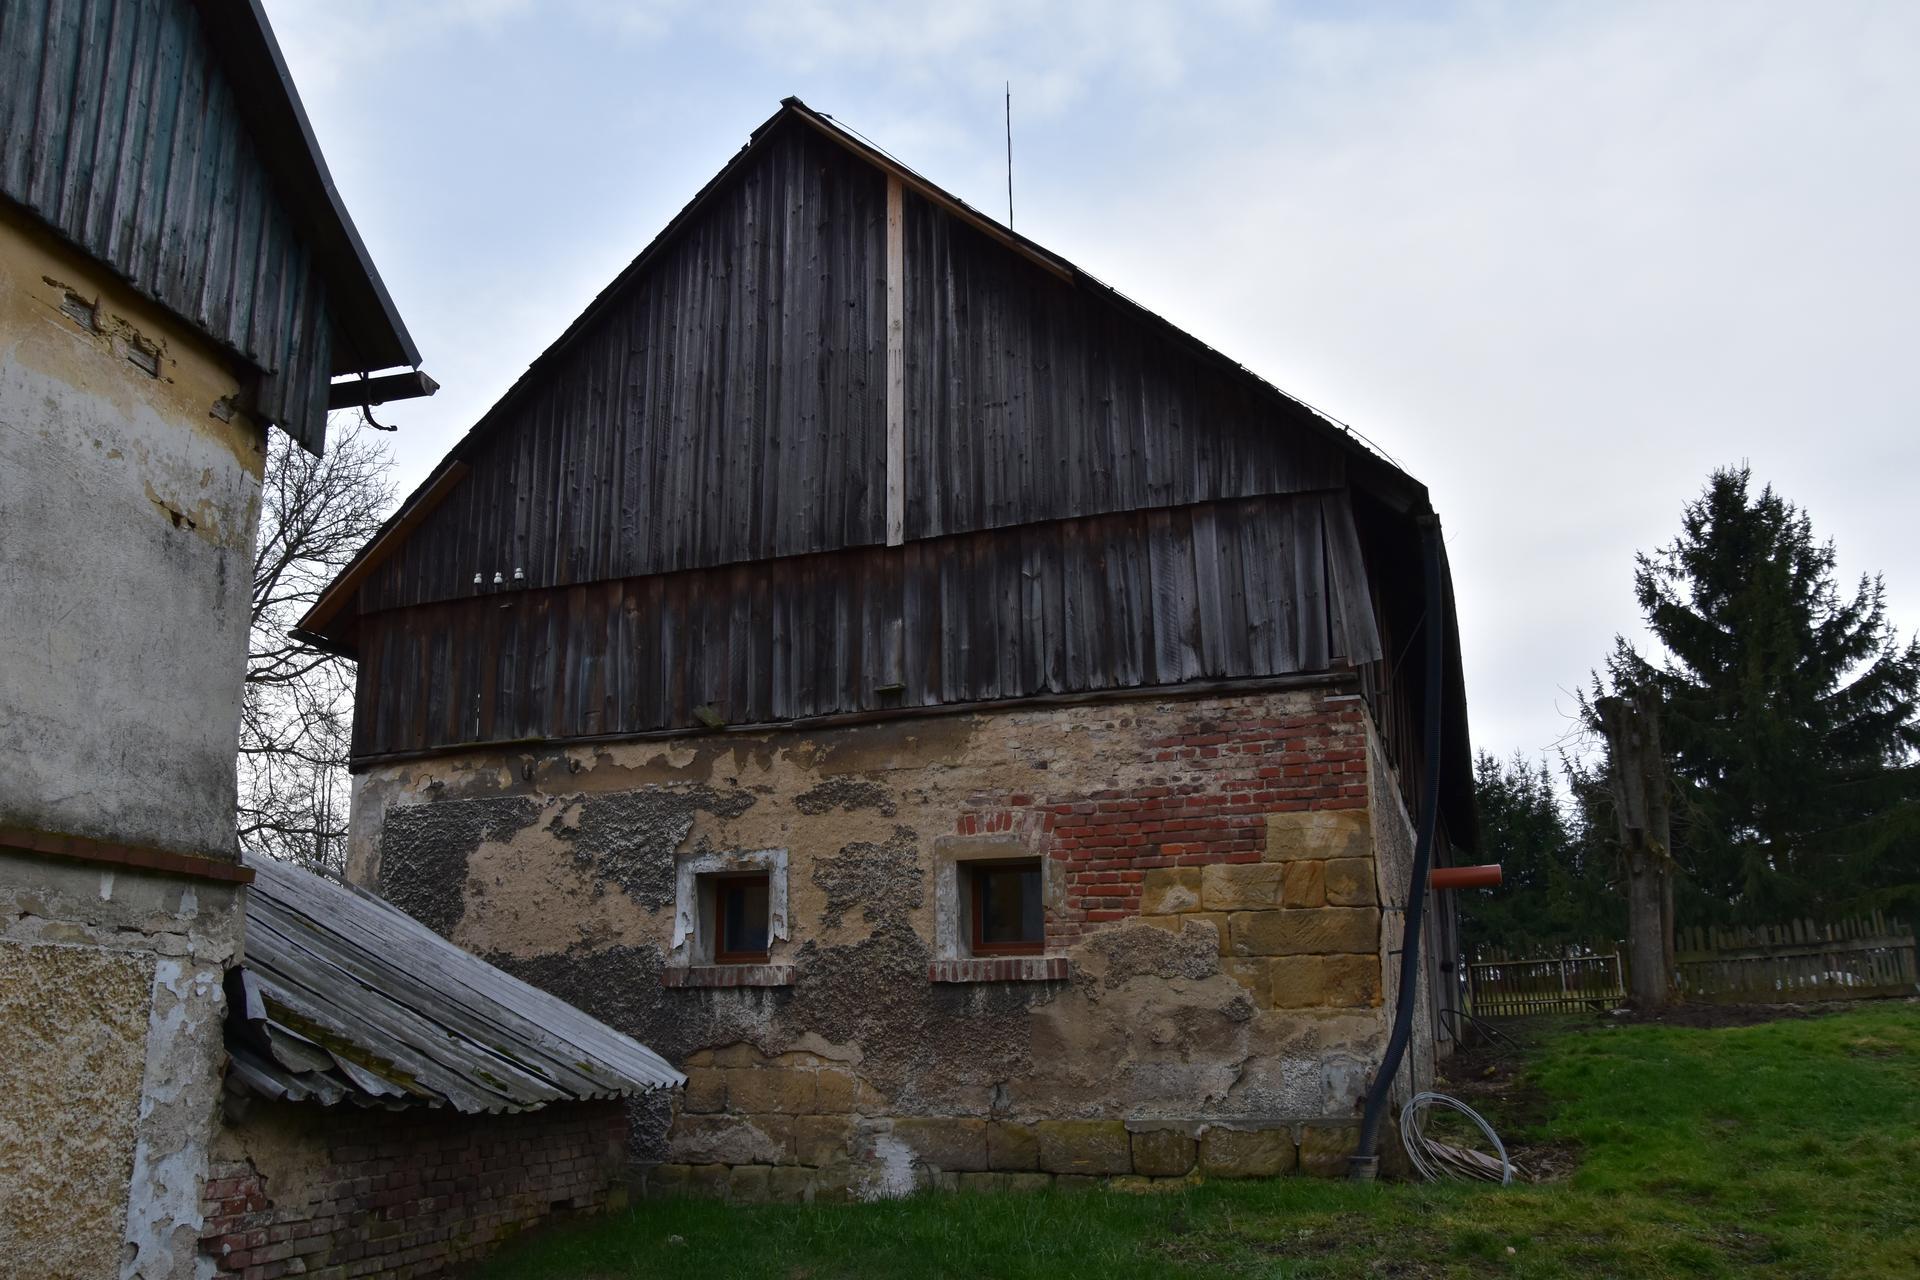 Tak dnes začínáme s přestavbou stodoly . - Obrázek č. 3